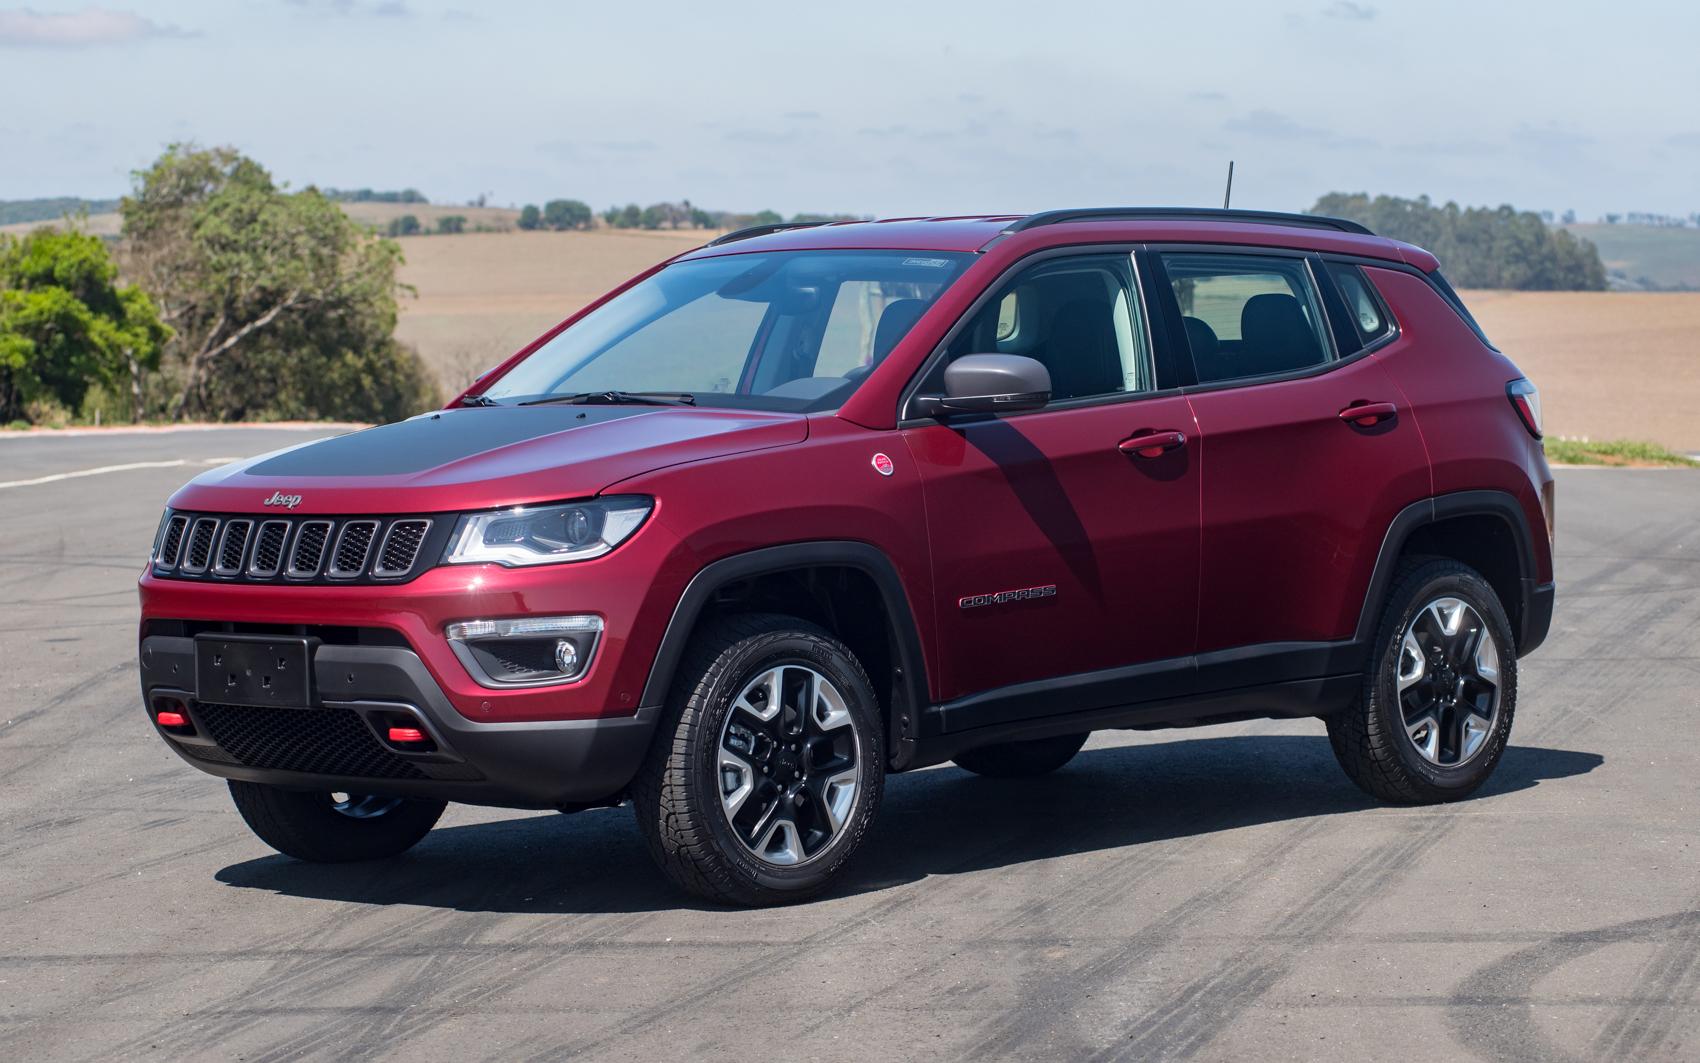 Jeep Compass 2017 Fotos Exclusivas Fotos Em Auto Esporte G1